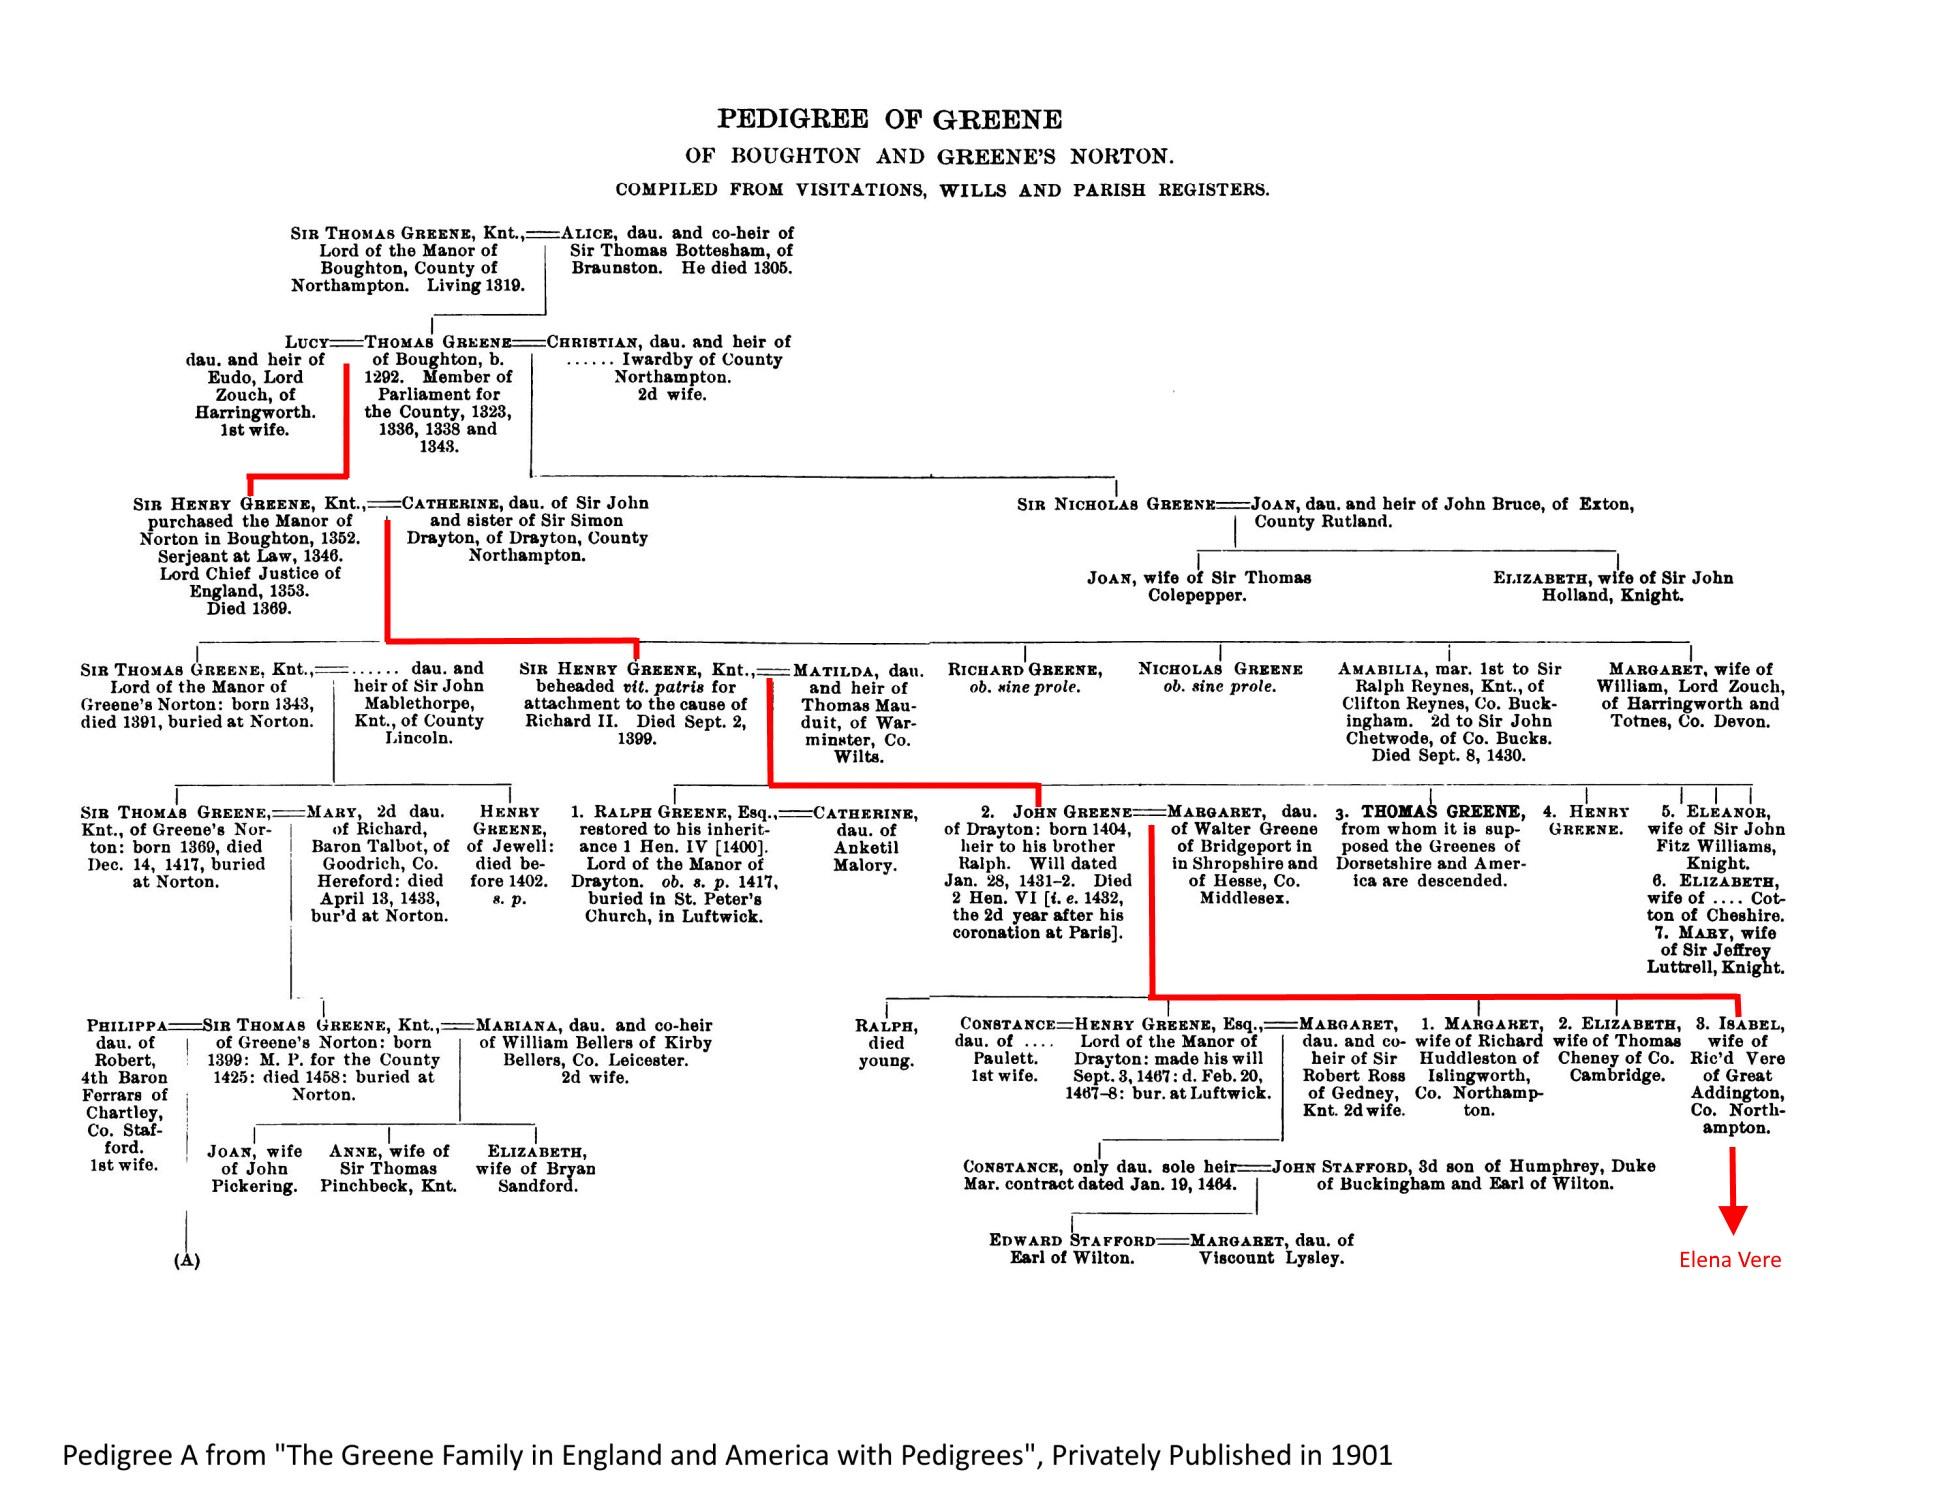 Greene Family Pedigree Chart